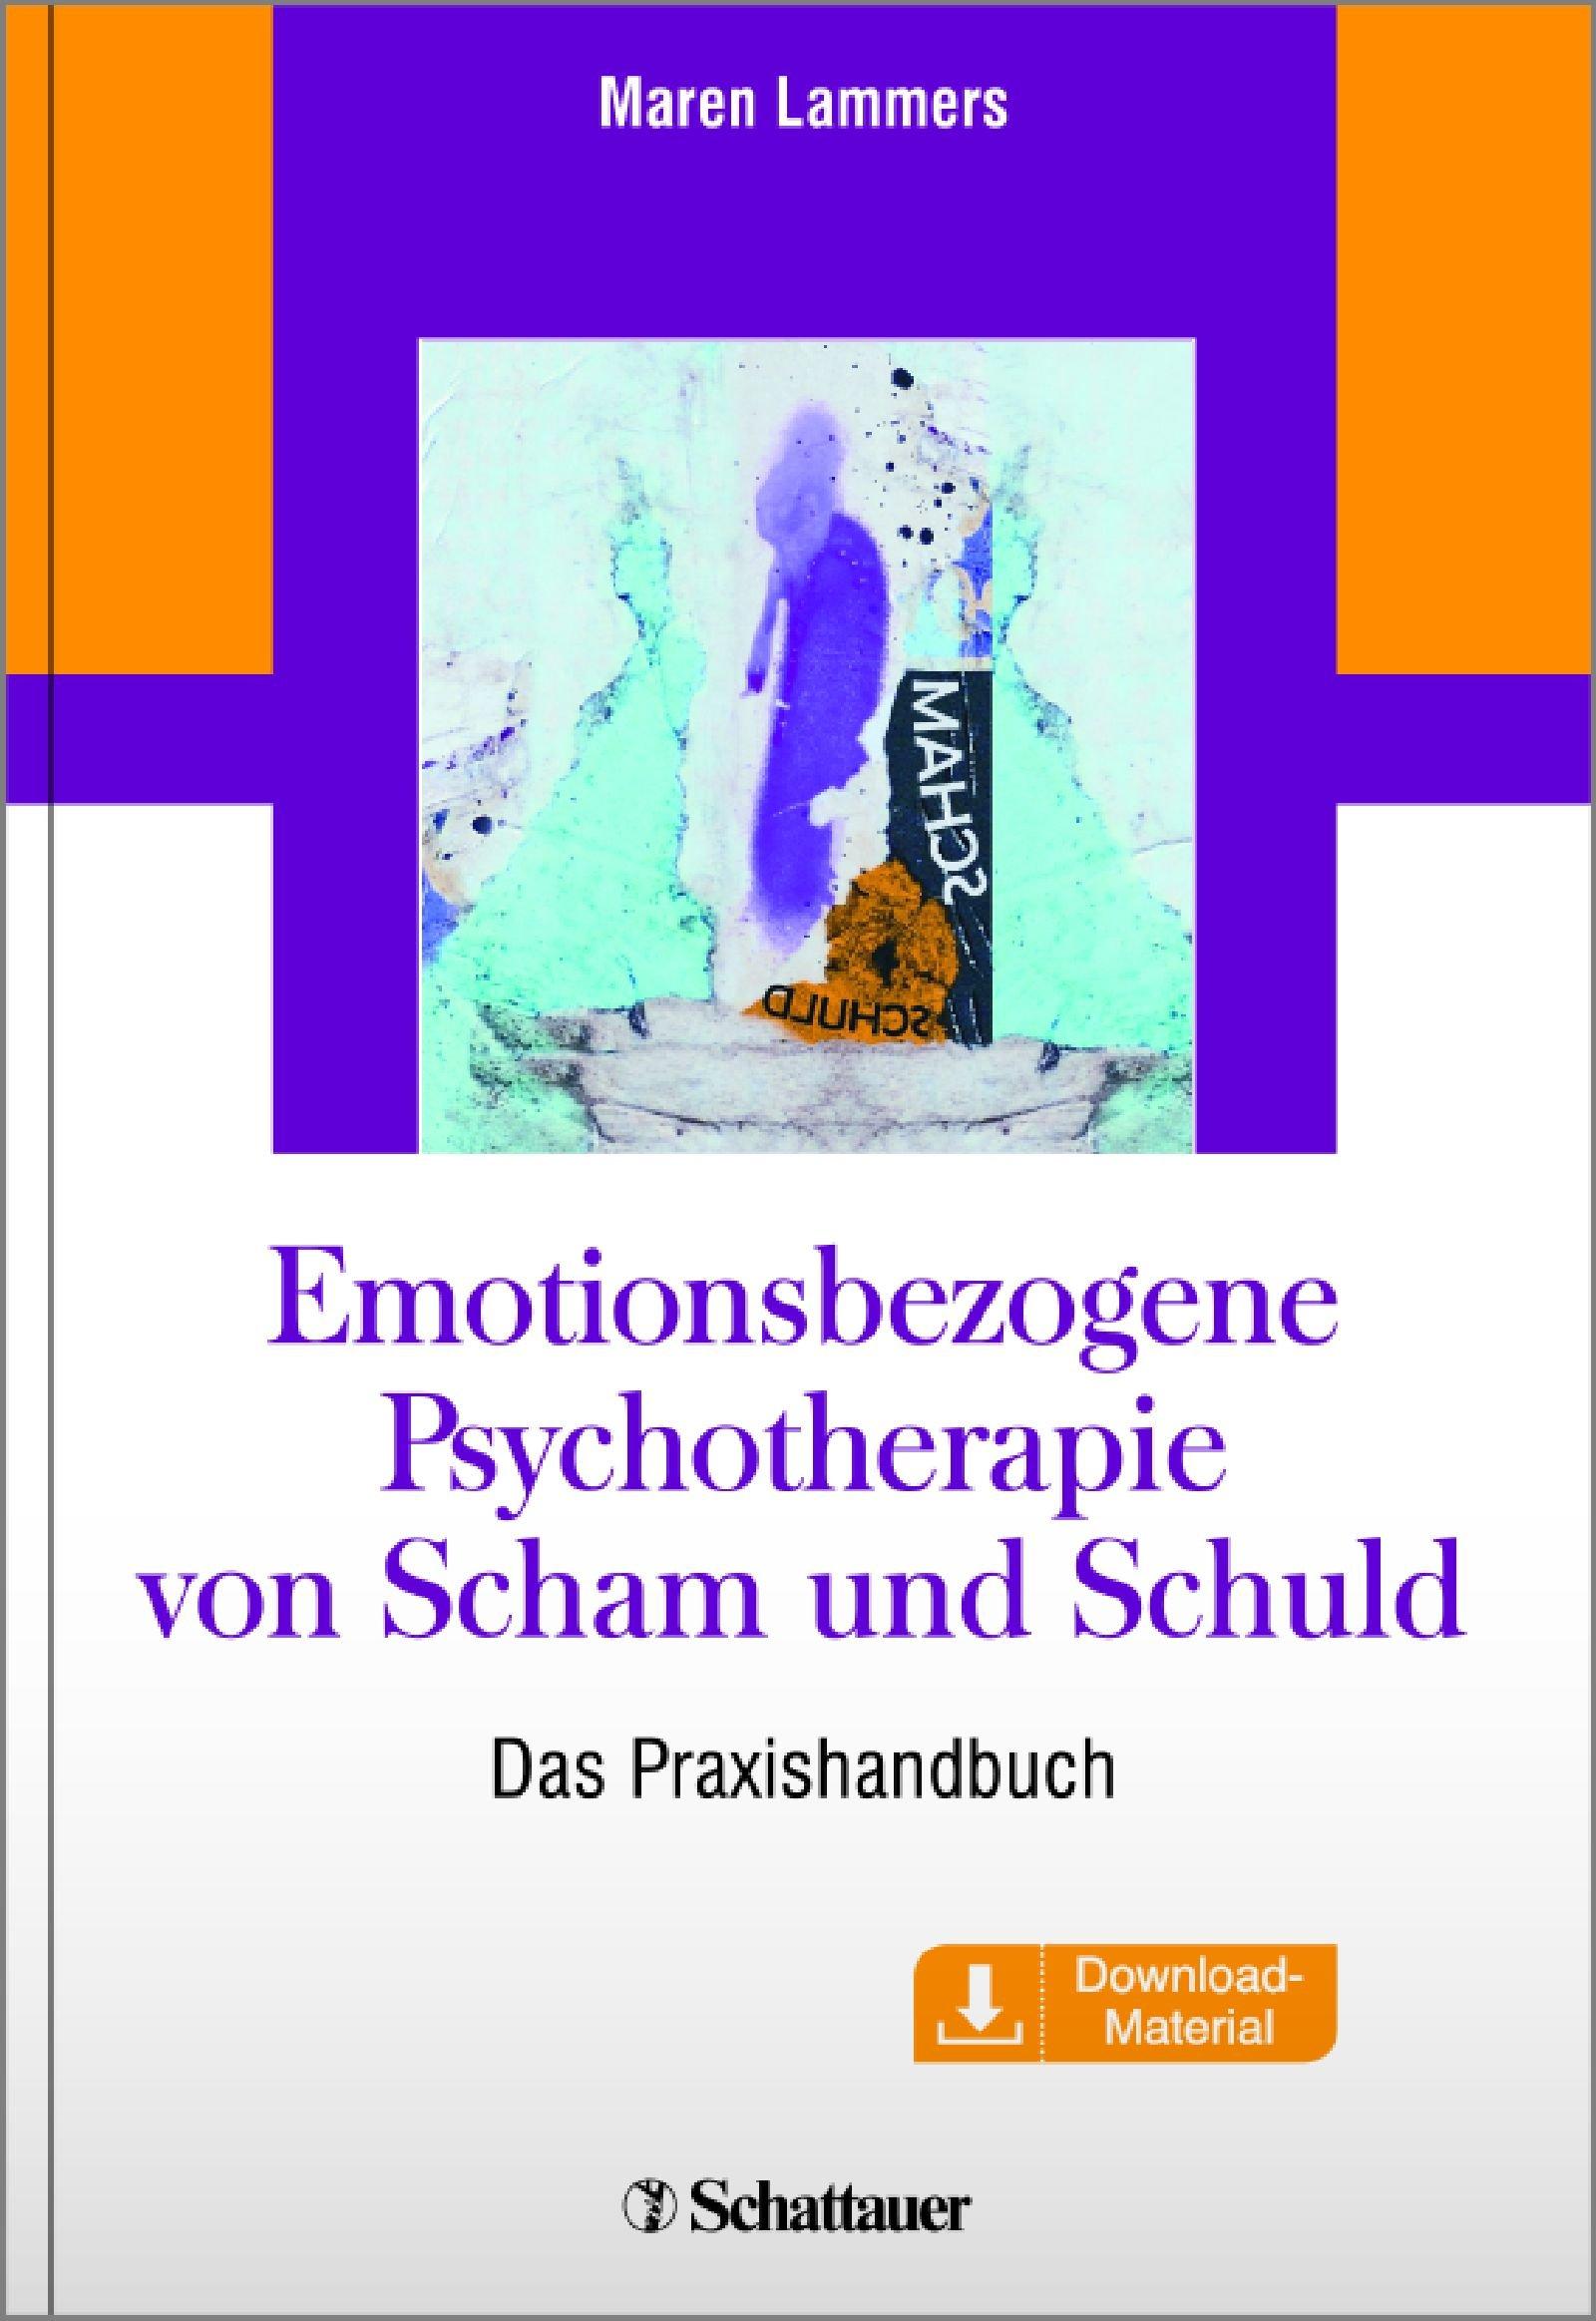 Emotionsbezogene Psychotherapie von Scham und Schuld bei Sigmund ...